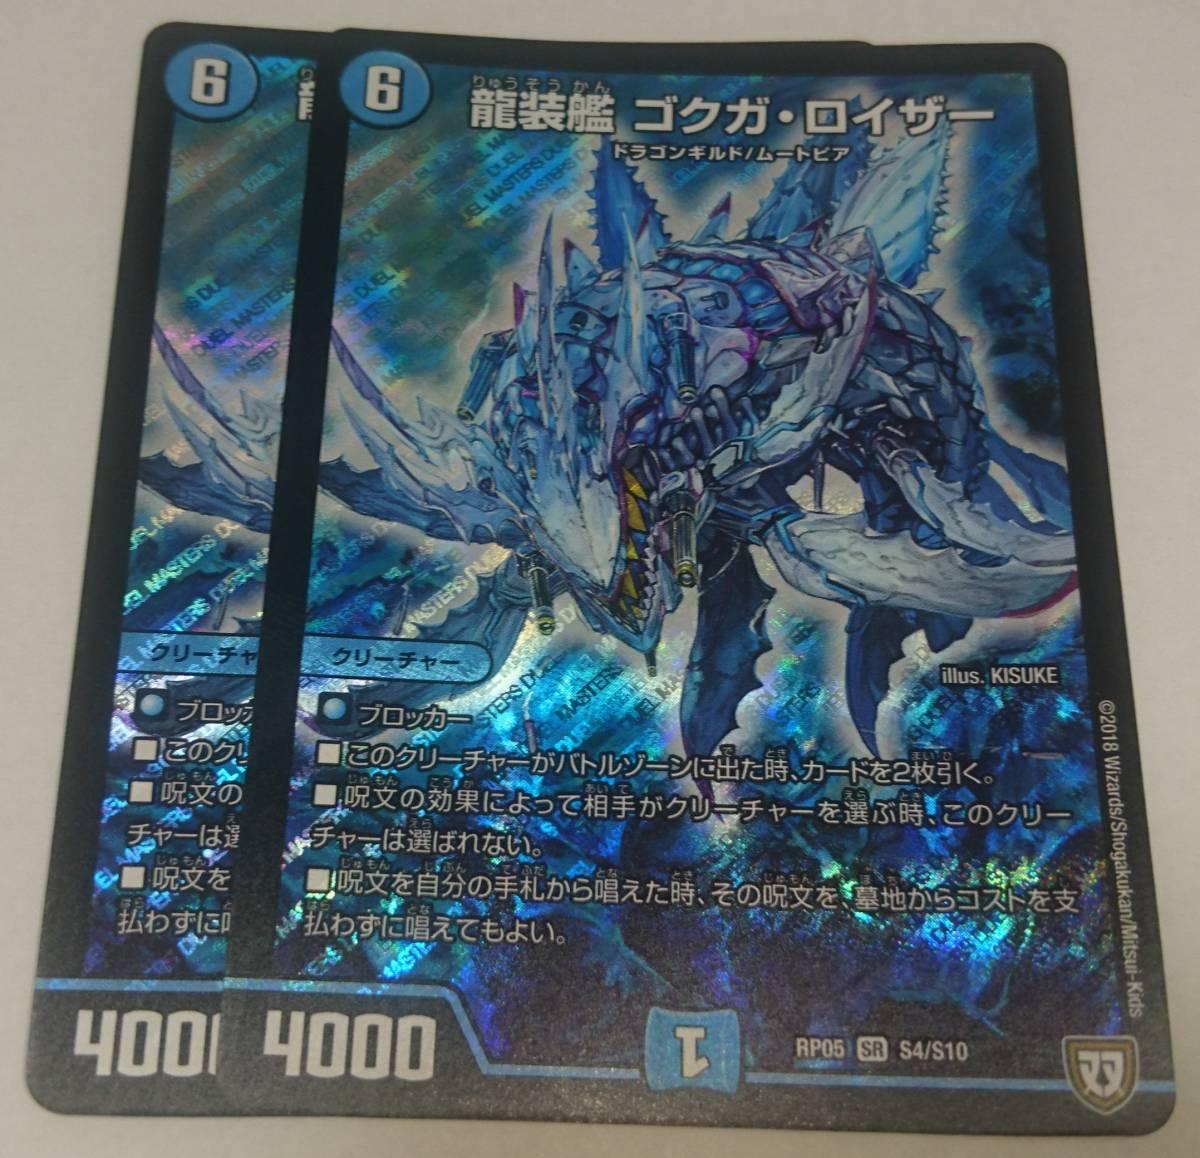 【デュエルマスターズ】龍装艦 ゴクガ・ロイザー DMRP05 2枚セット【同梱可】